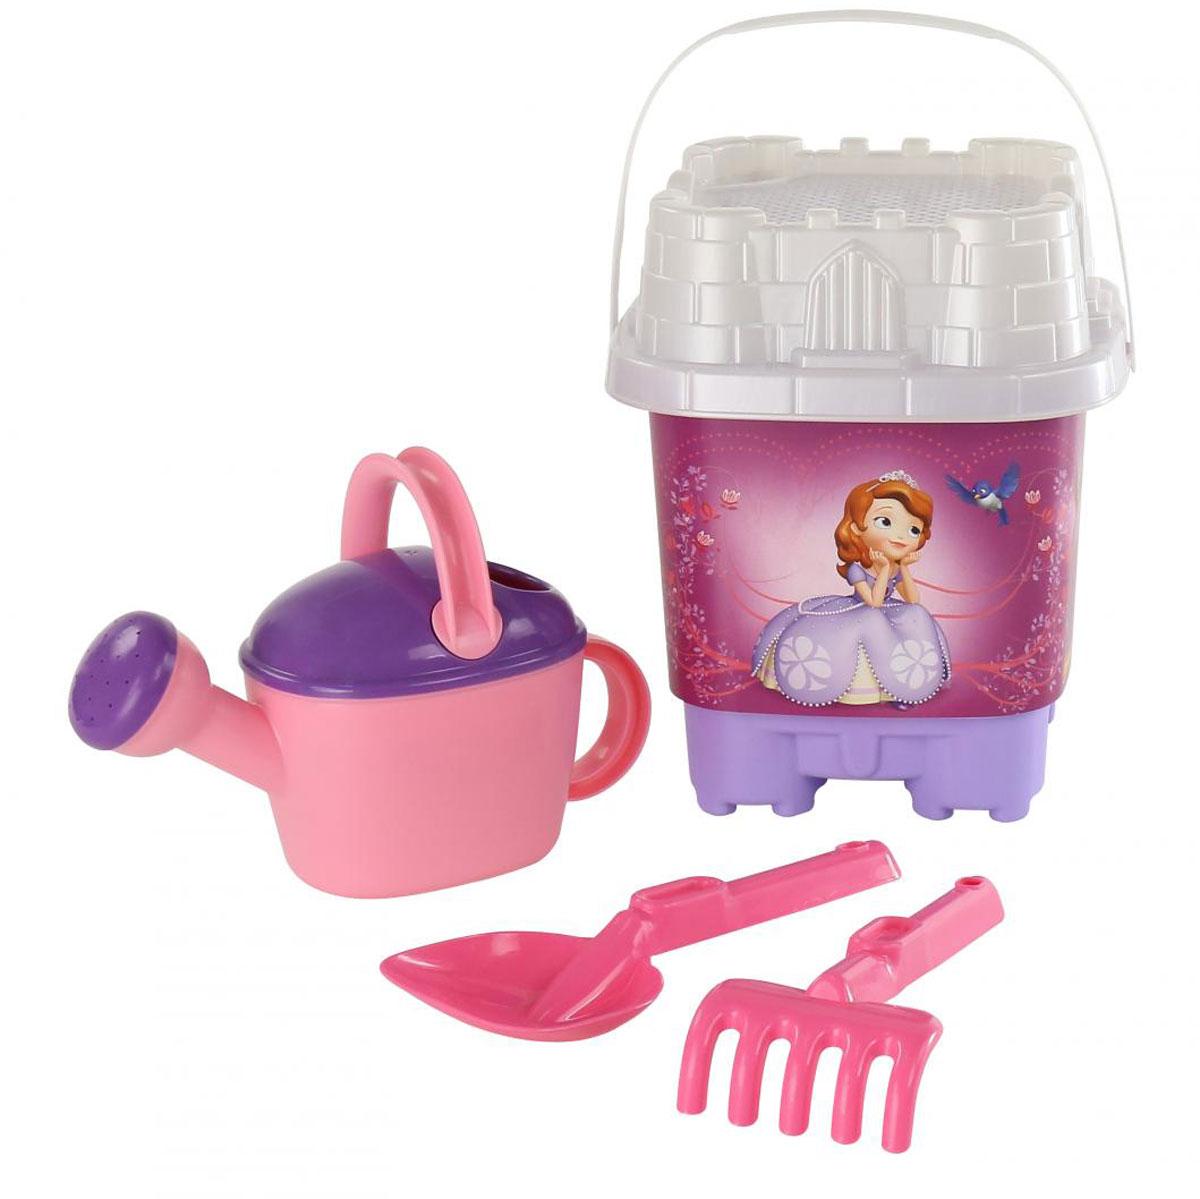 Disney Набор игрушек для песочницы София Прекрасная №6 полесье набор для песочницы 469